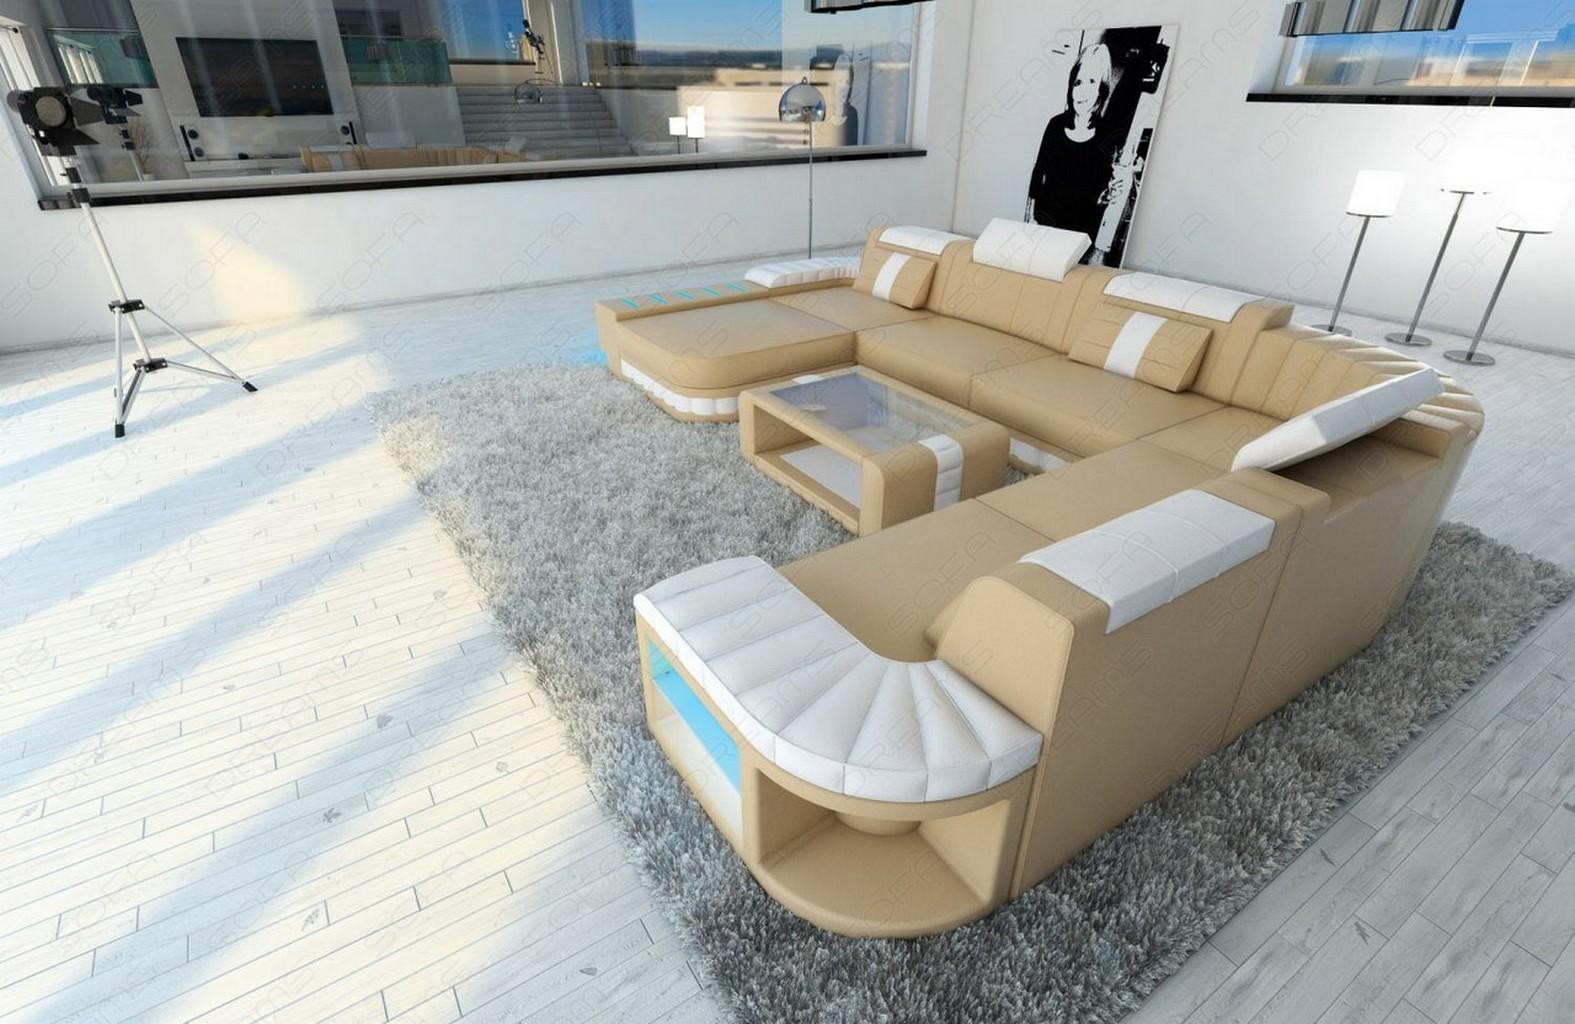 Ledercouch wohnlandschaft xxl ecksofa bellagio luxus sofa for Luxus wohnlandschaft leder